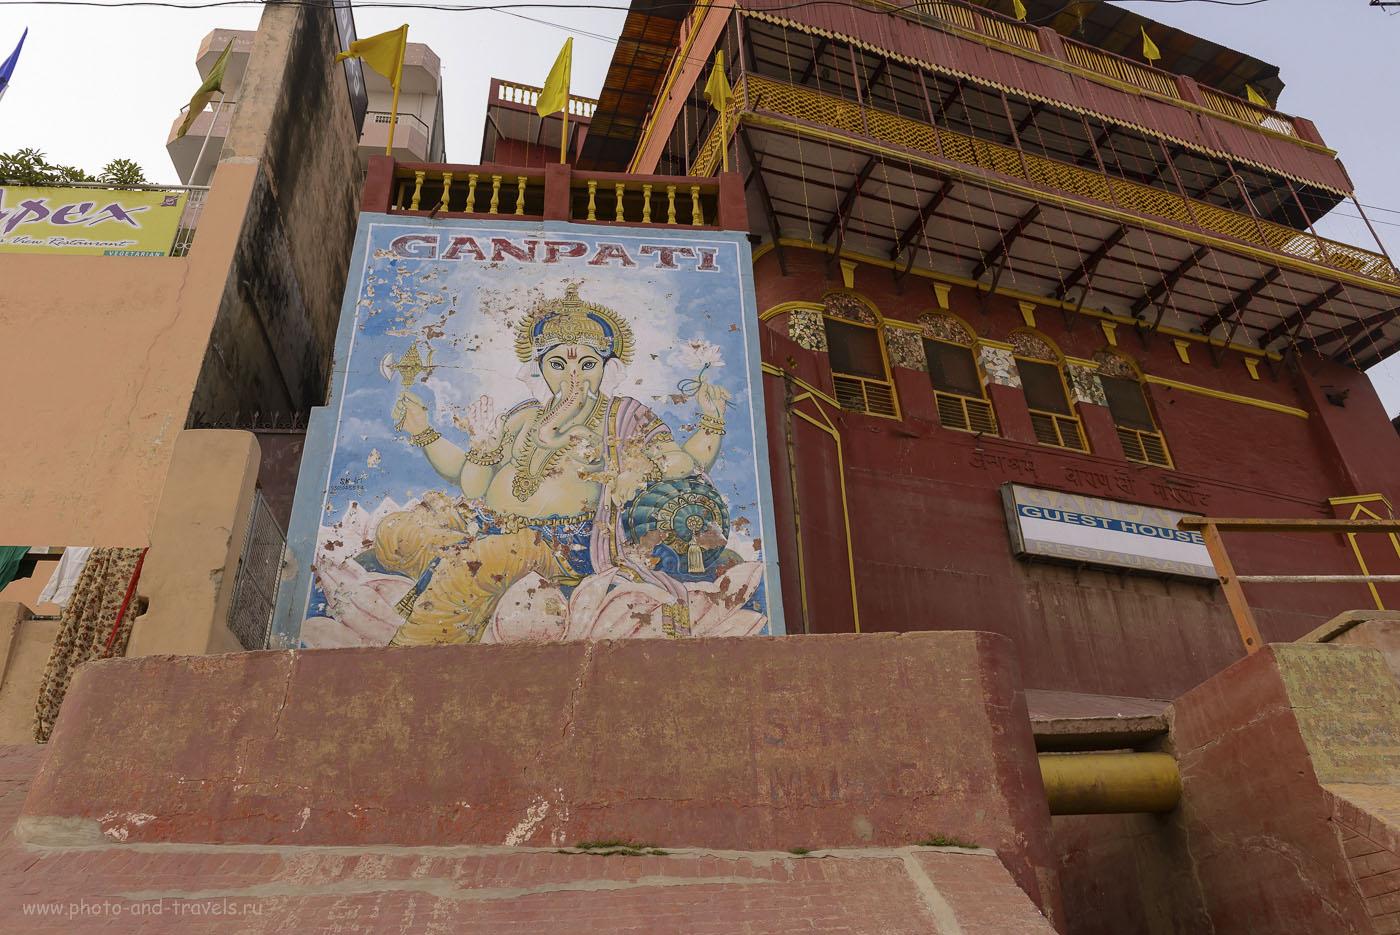 Фото 11. Гэстхаус Ганпати на гхате Дасасвамедх в Варанаси. Рассказы туристов о поездке в Индию. 1/250, 8.0, 200, 26.